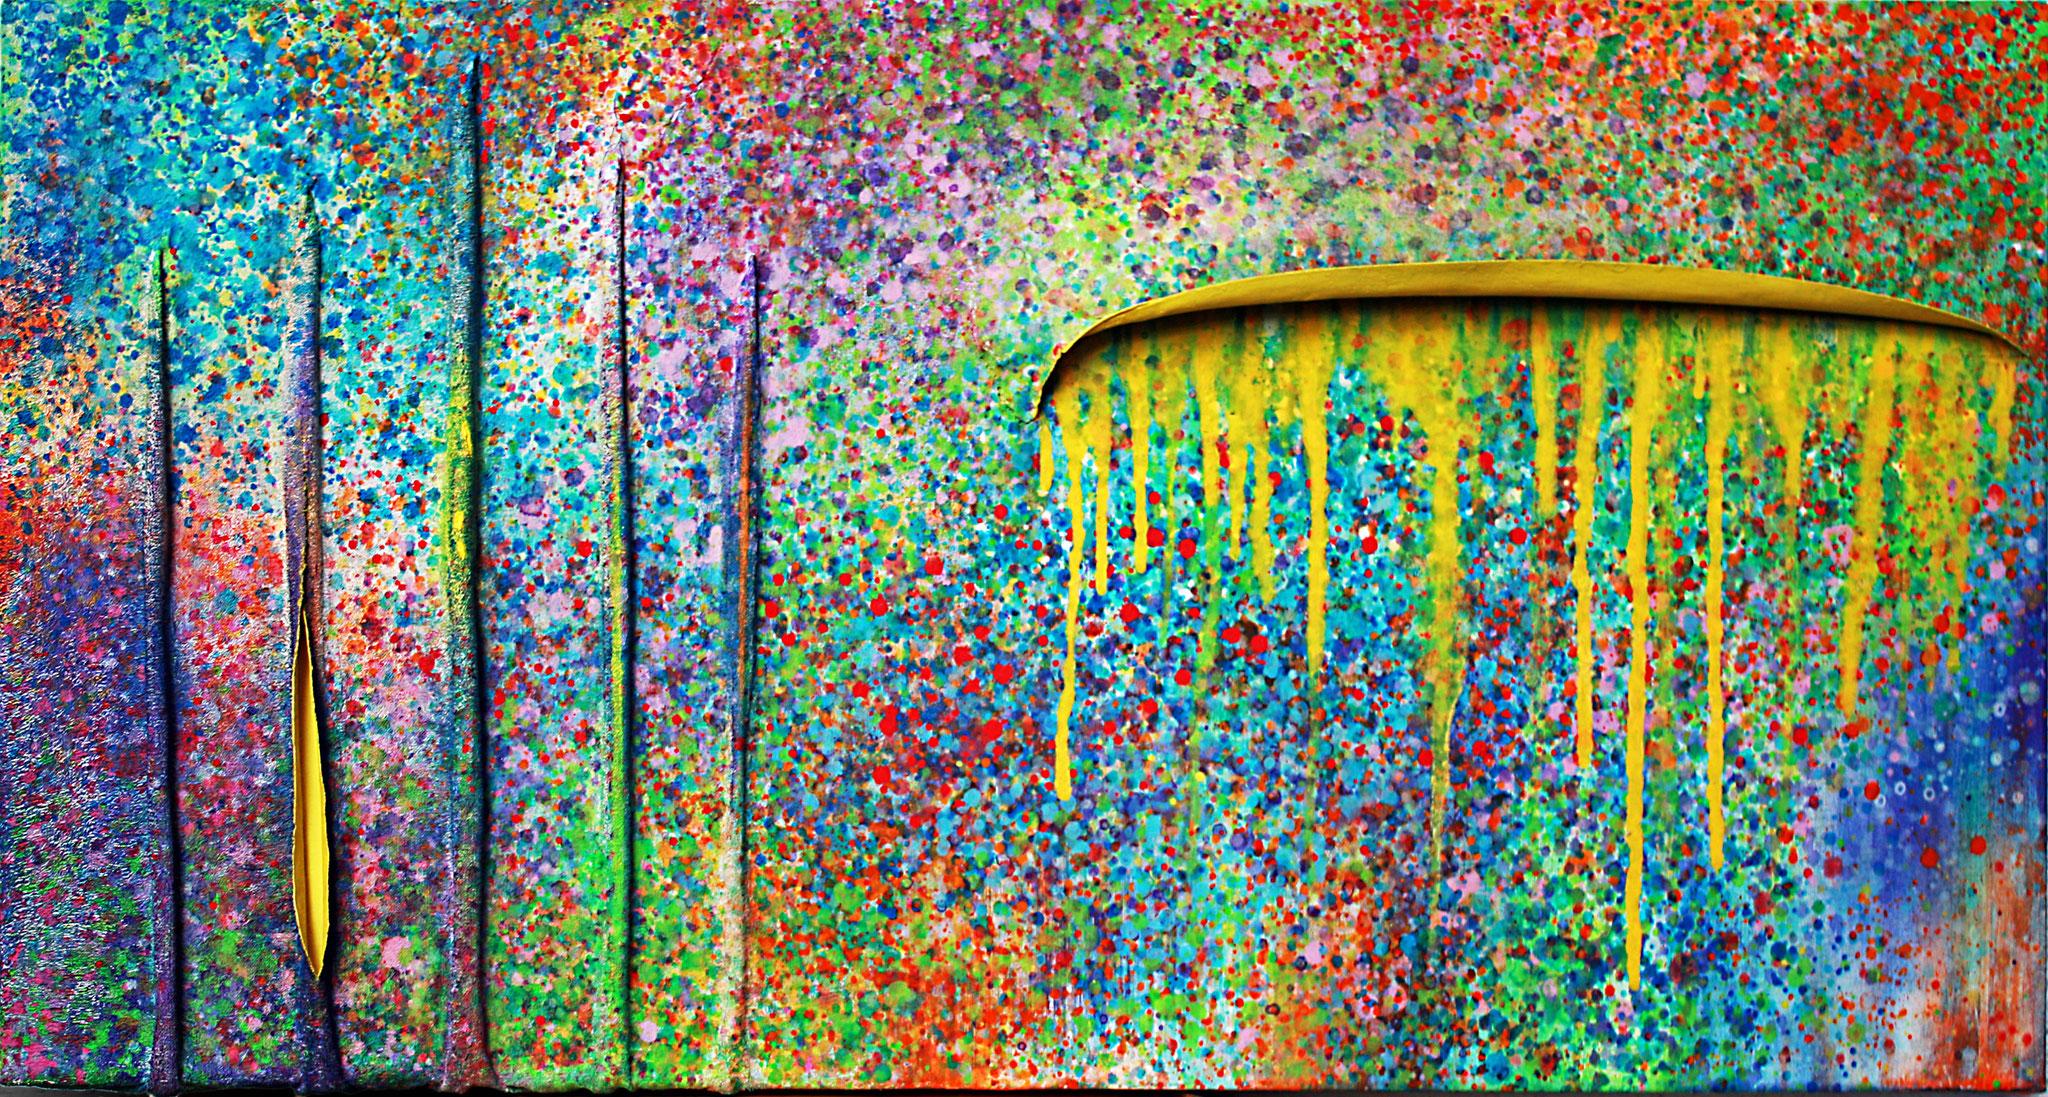 miel et fleurs, Acrylauf Leinwand und Textil, 50x100, Christopher Diehl